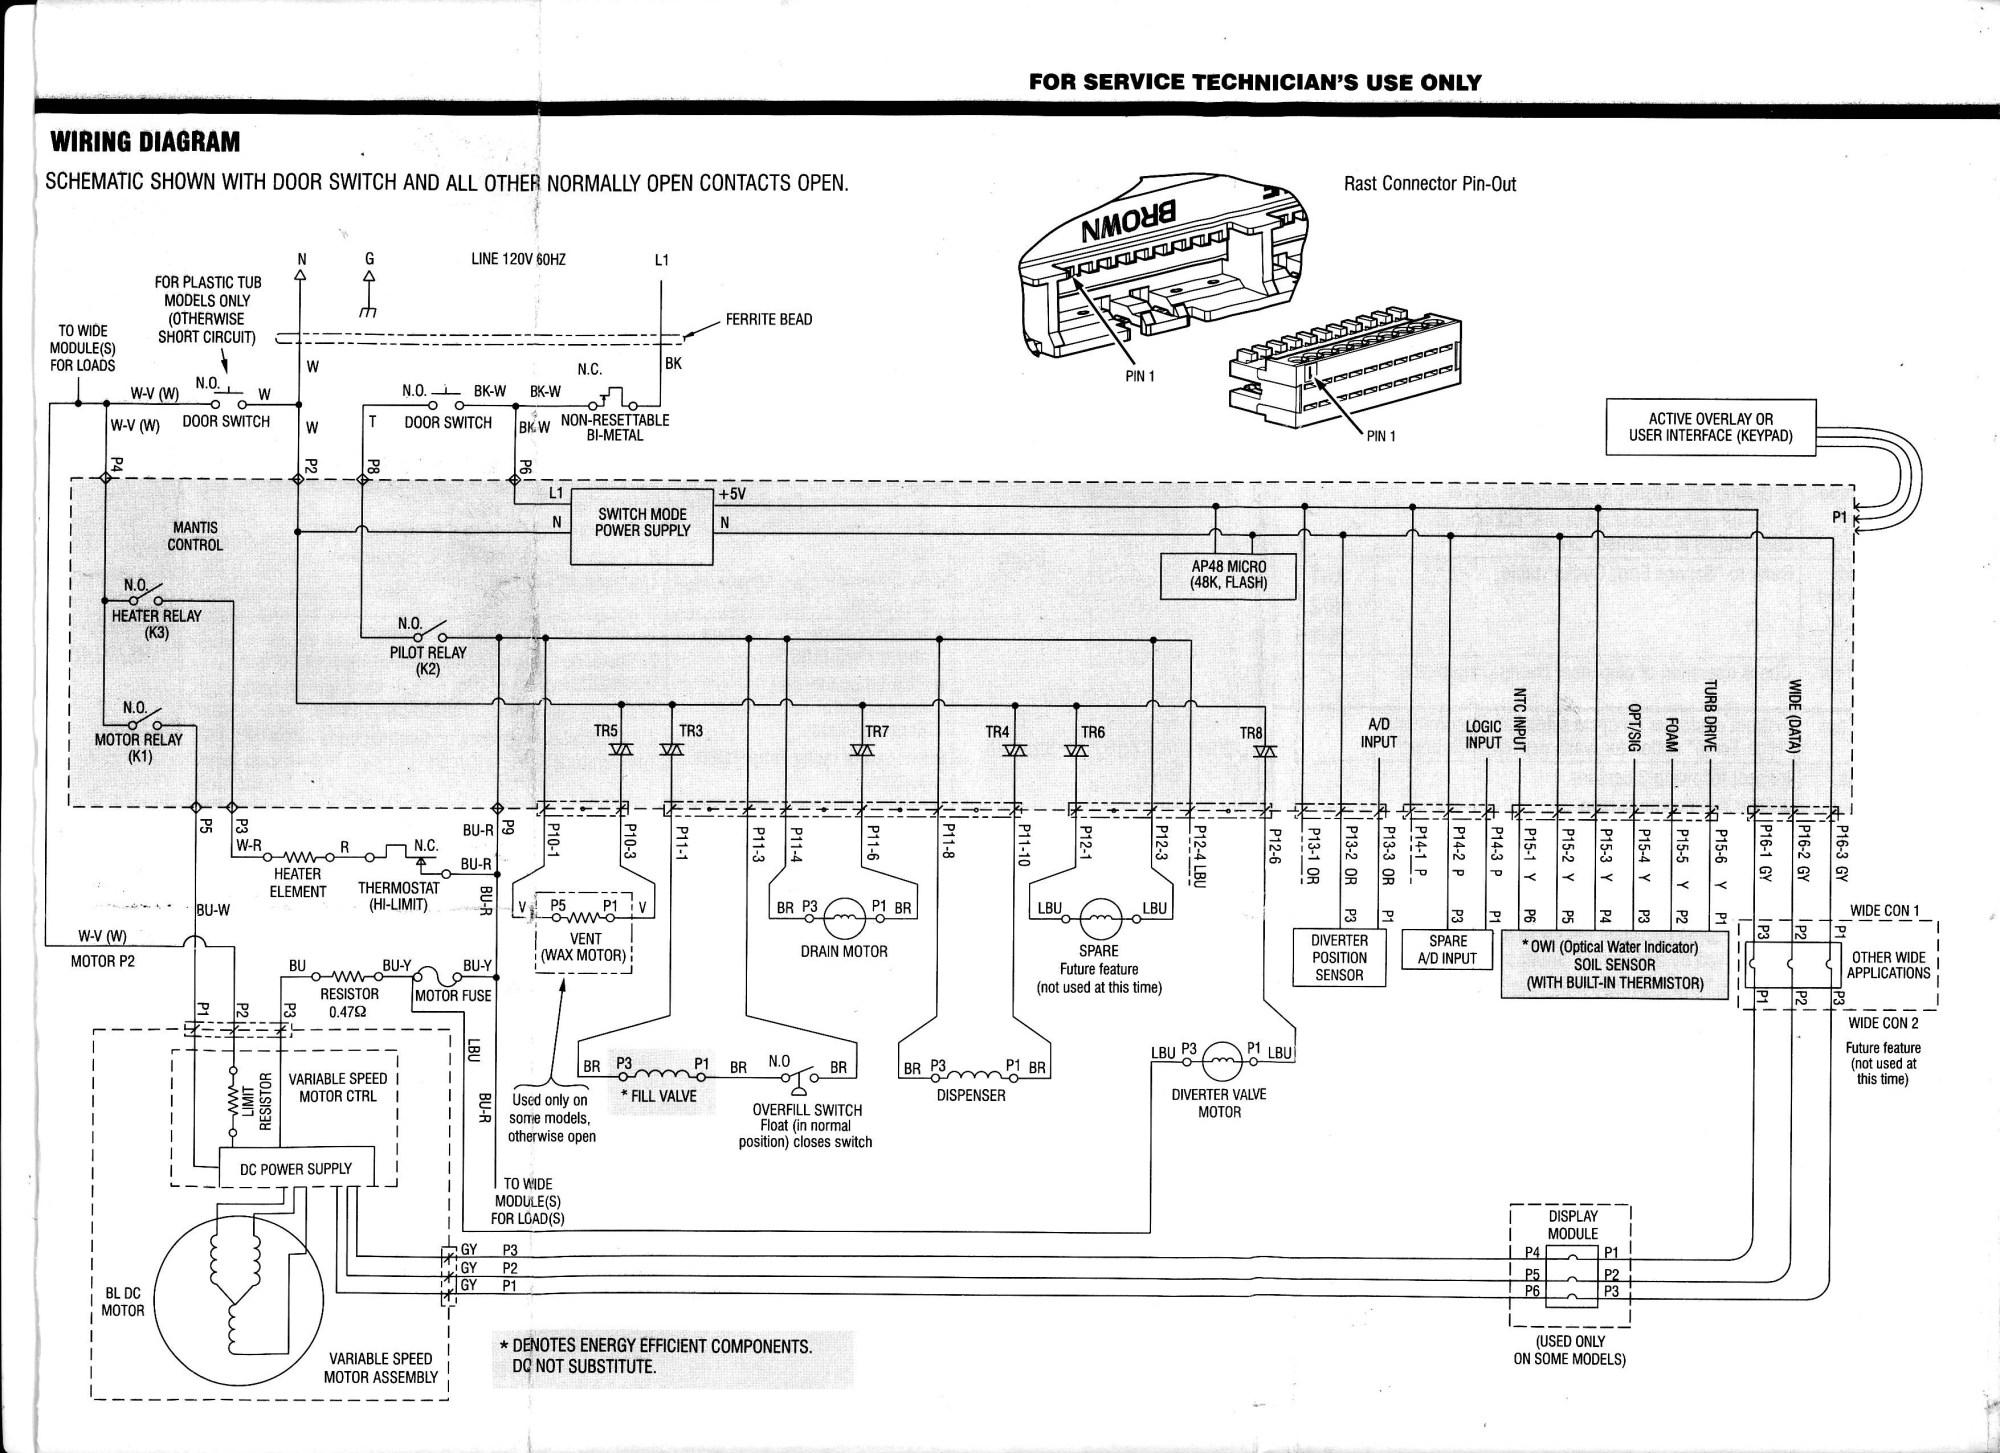 hight resolution of i have a kenmore elite ultrawash dishwasher model no 665 manual washing machine circuit diagram beko washing machine motor wiring diagram